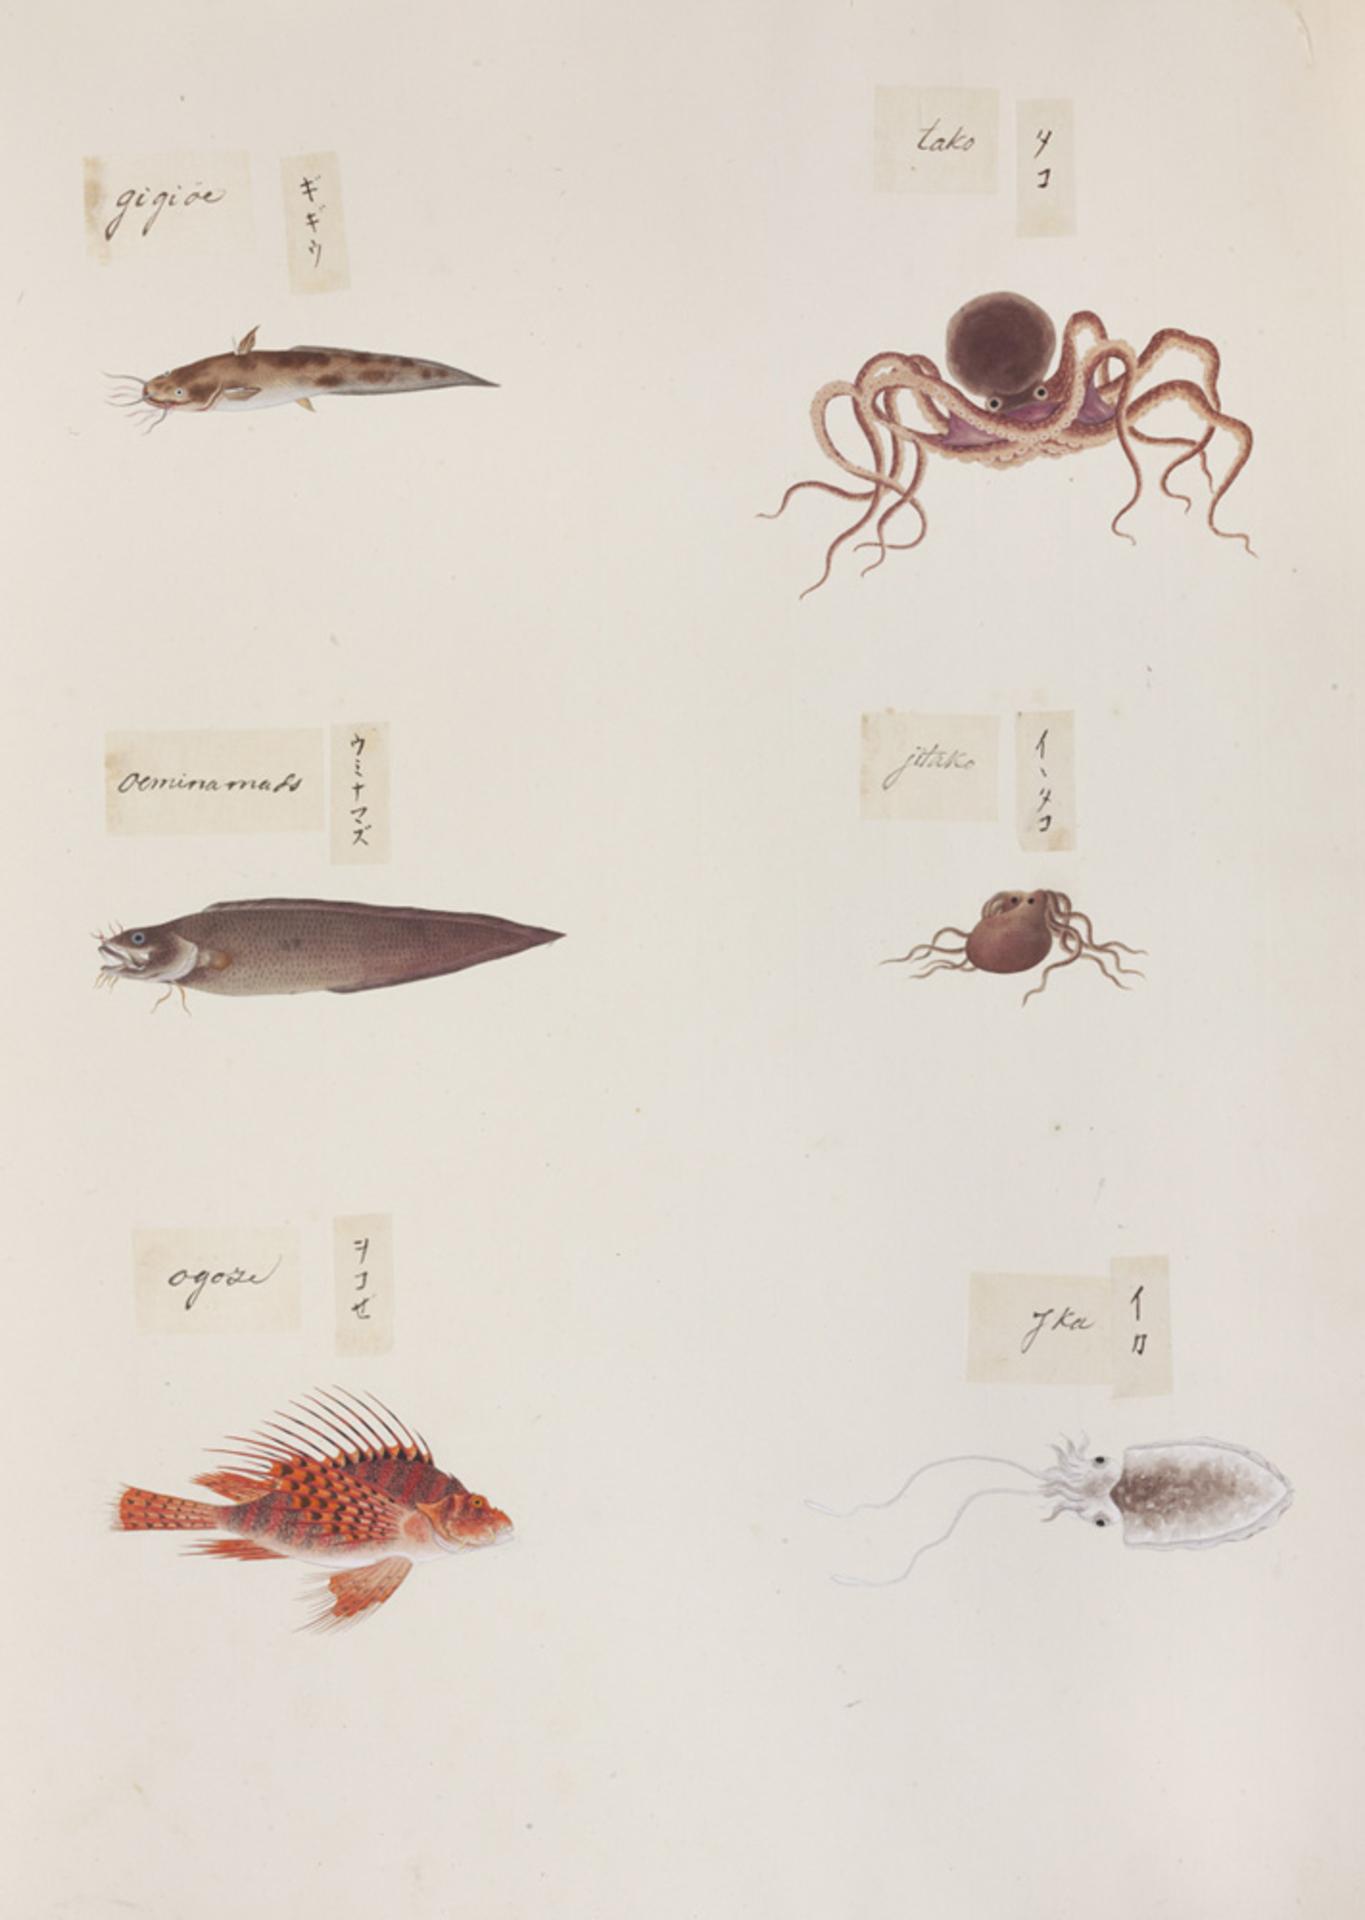 RMNH.ART.324 | Pterois Iunulatis